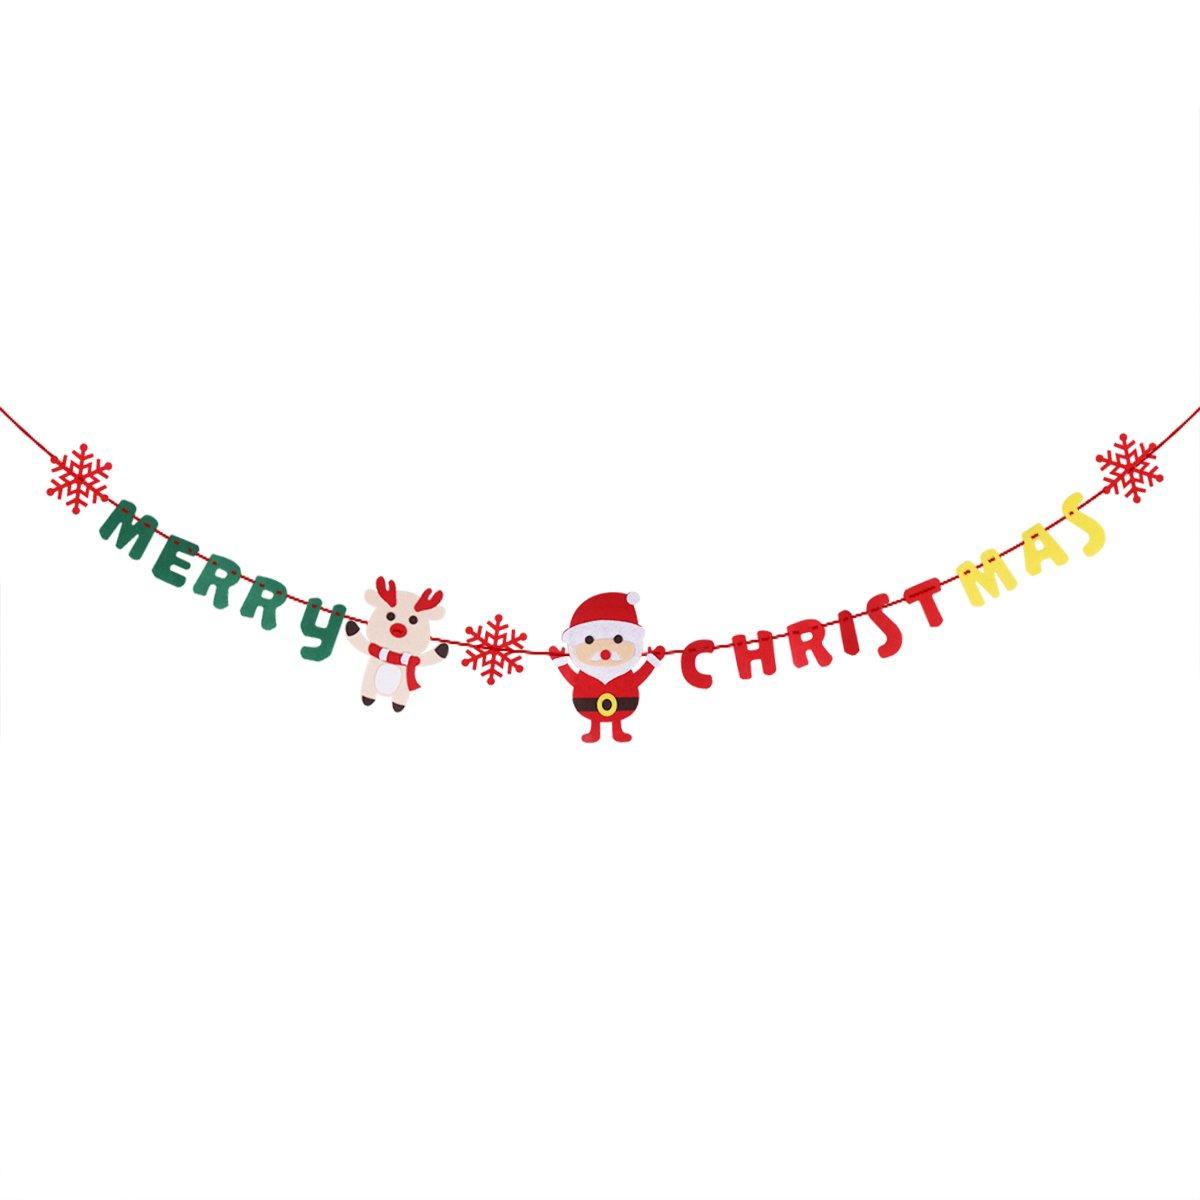 OULII 3M Bandiera Natale Decorazione Merry Christmas Ghirlande Non Tessuto per decorazione natalizia Feste